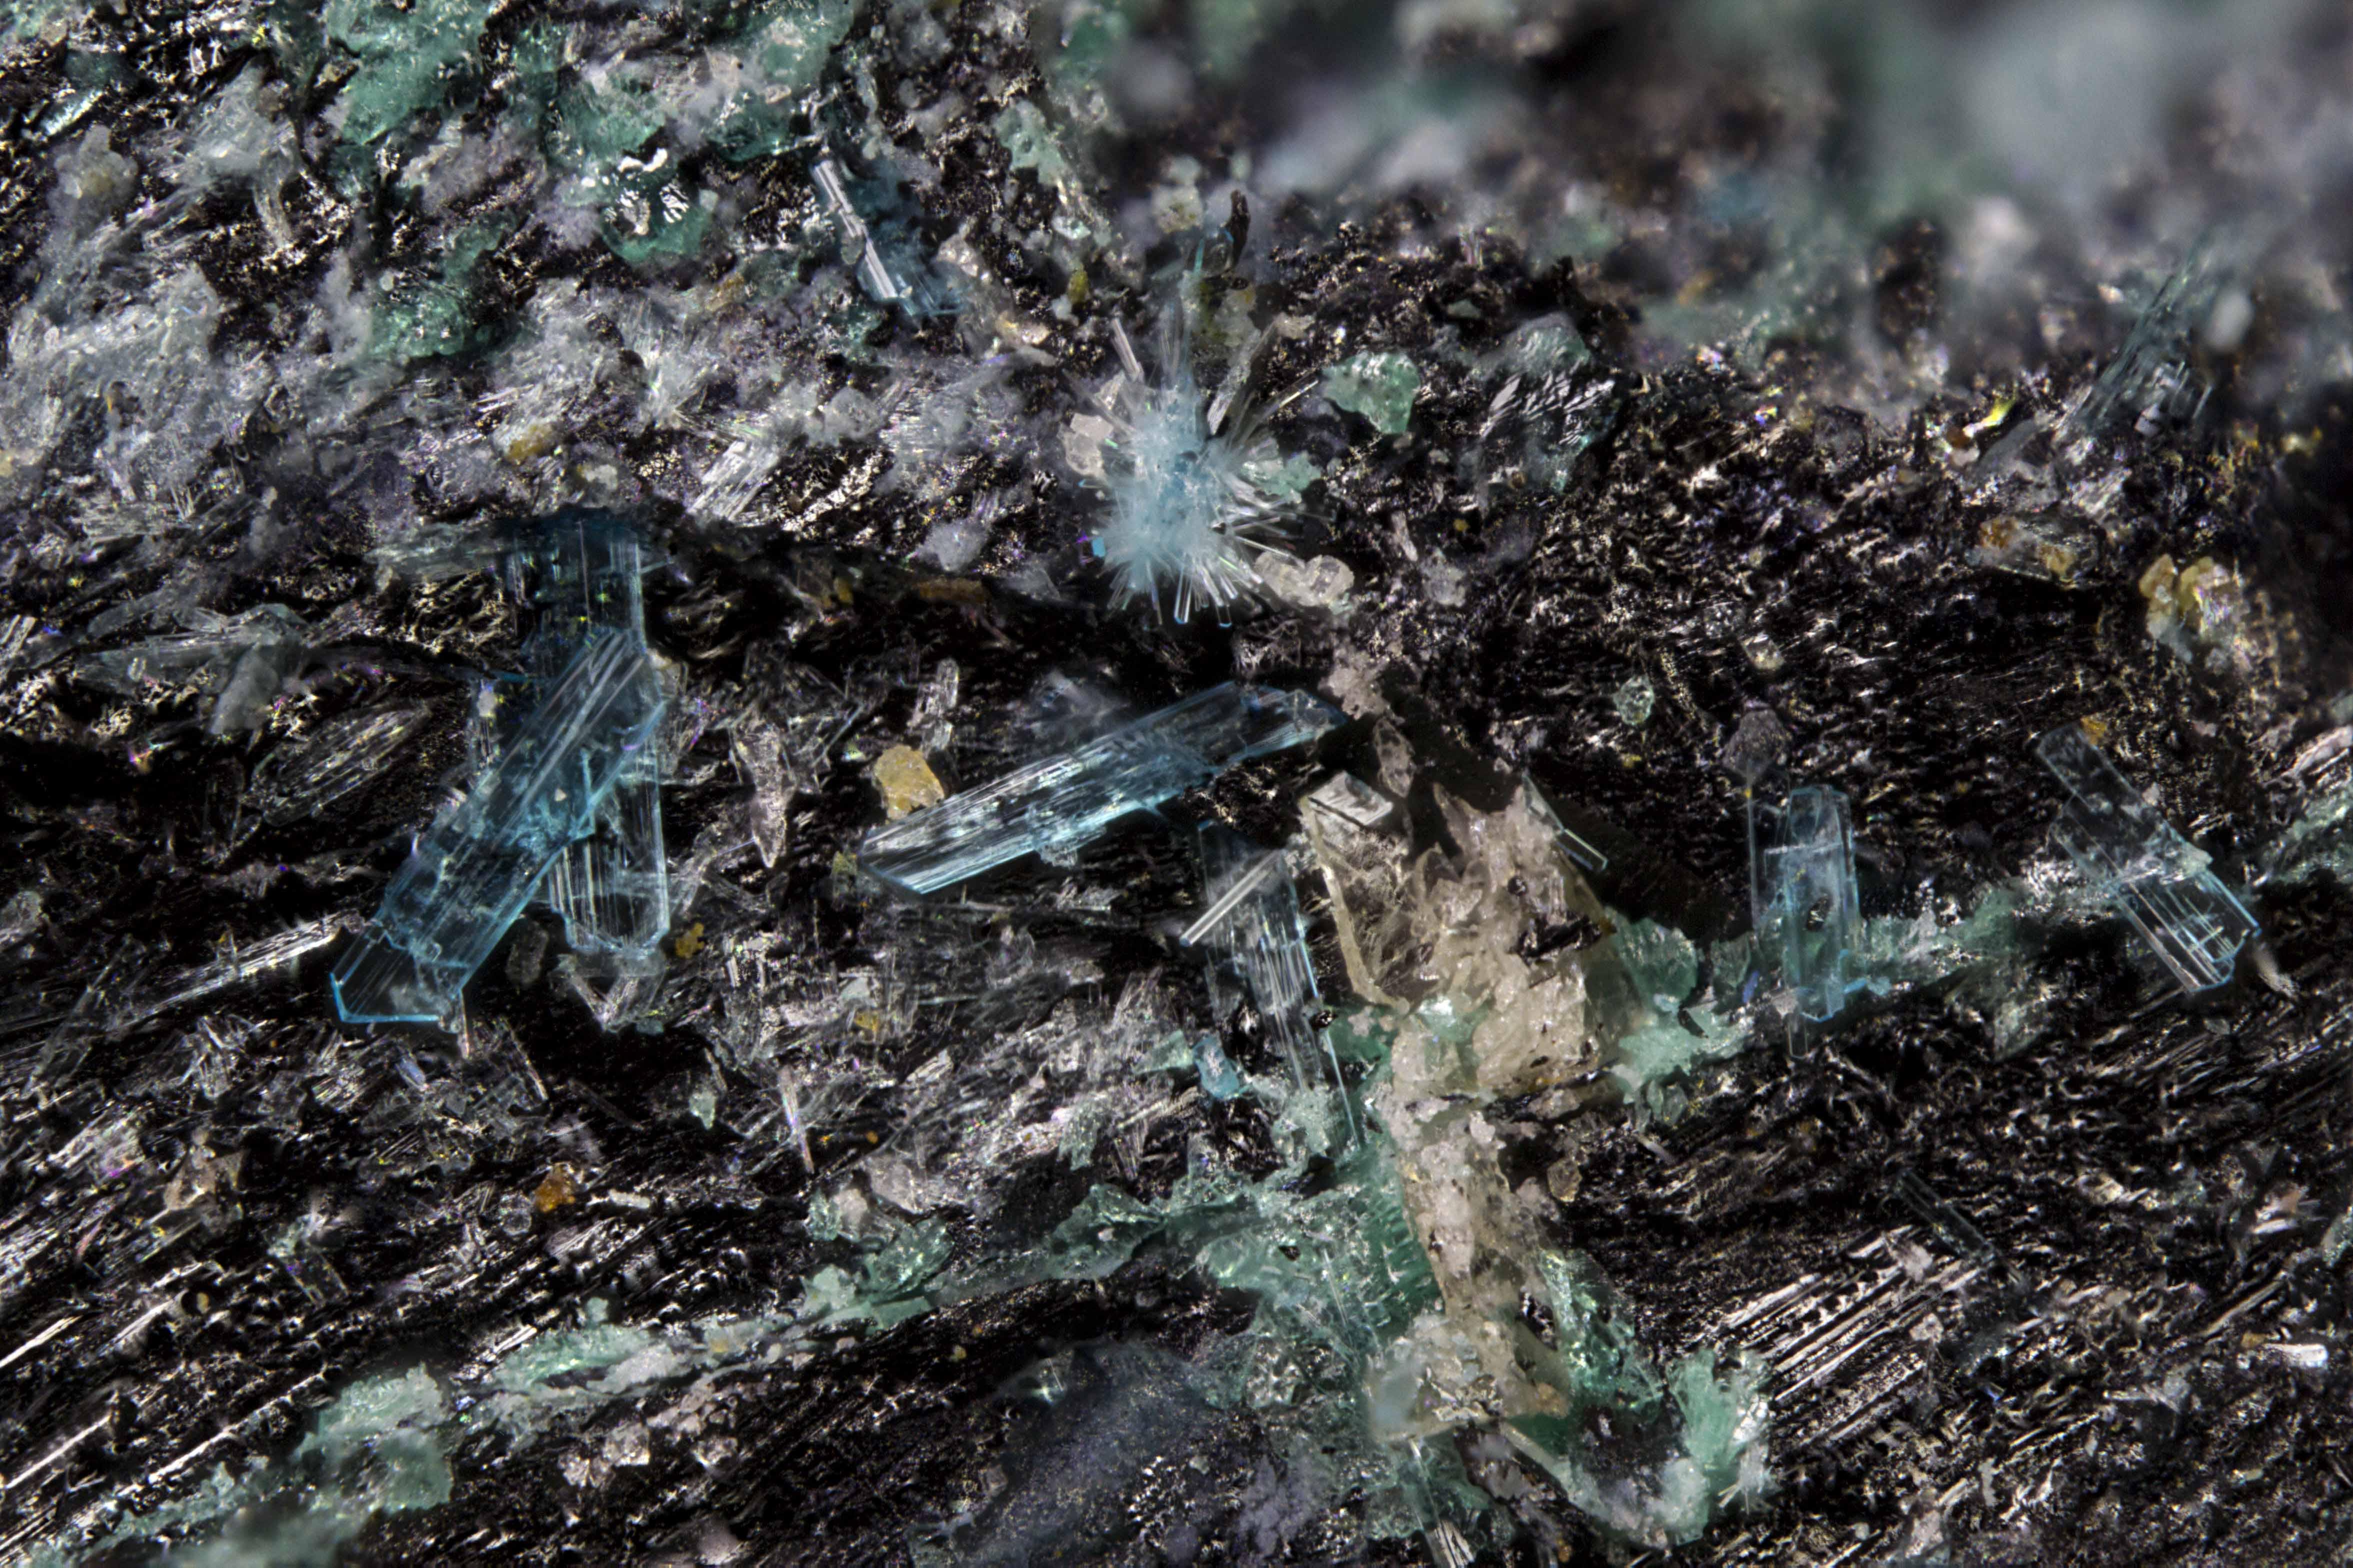 Fiemmeite crystals